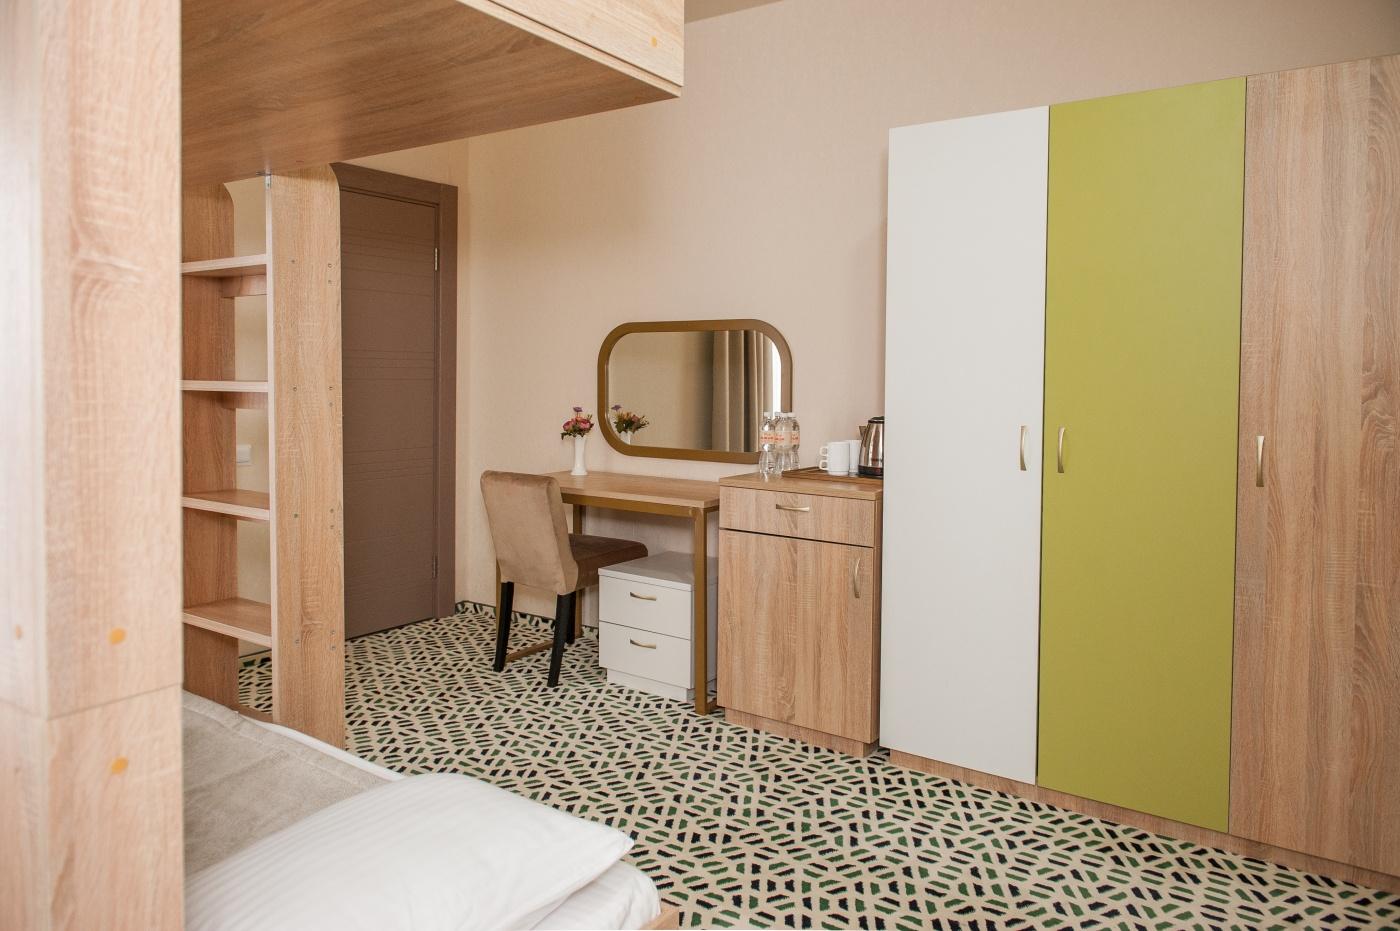 Отель «Aurum Family Resort & Spa» Краснодарский край Superior 2-местный , фото 5